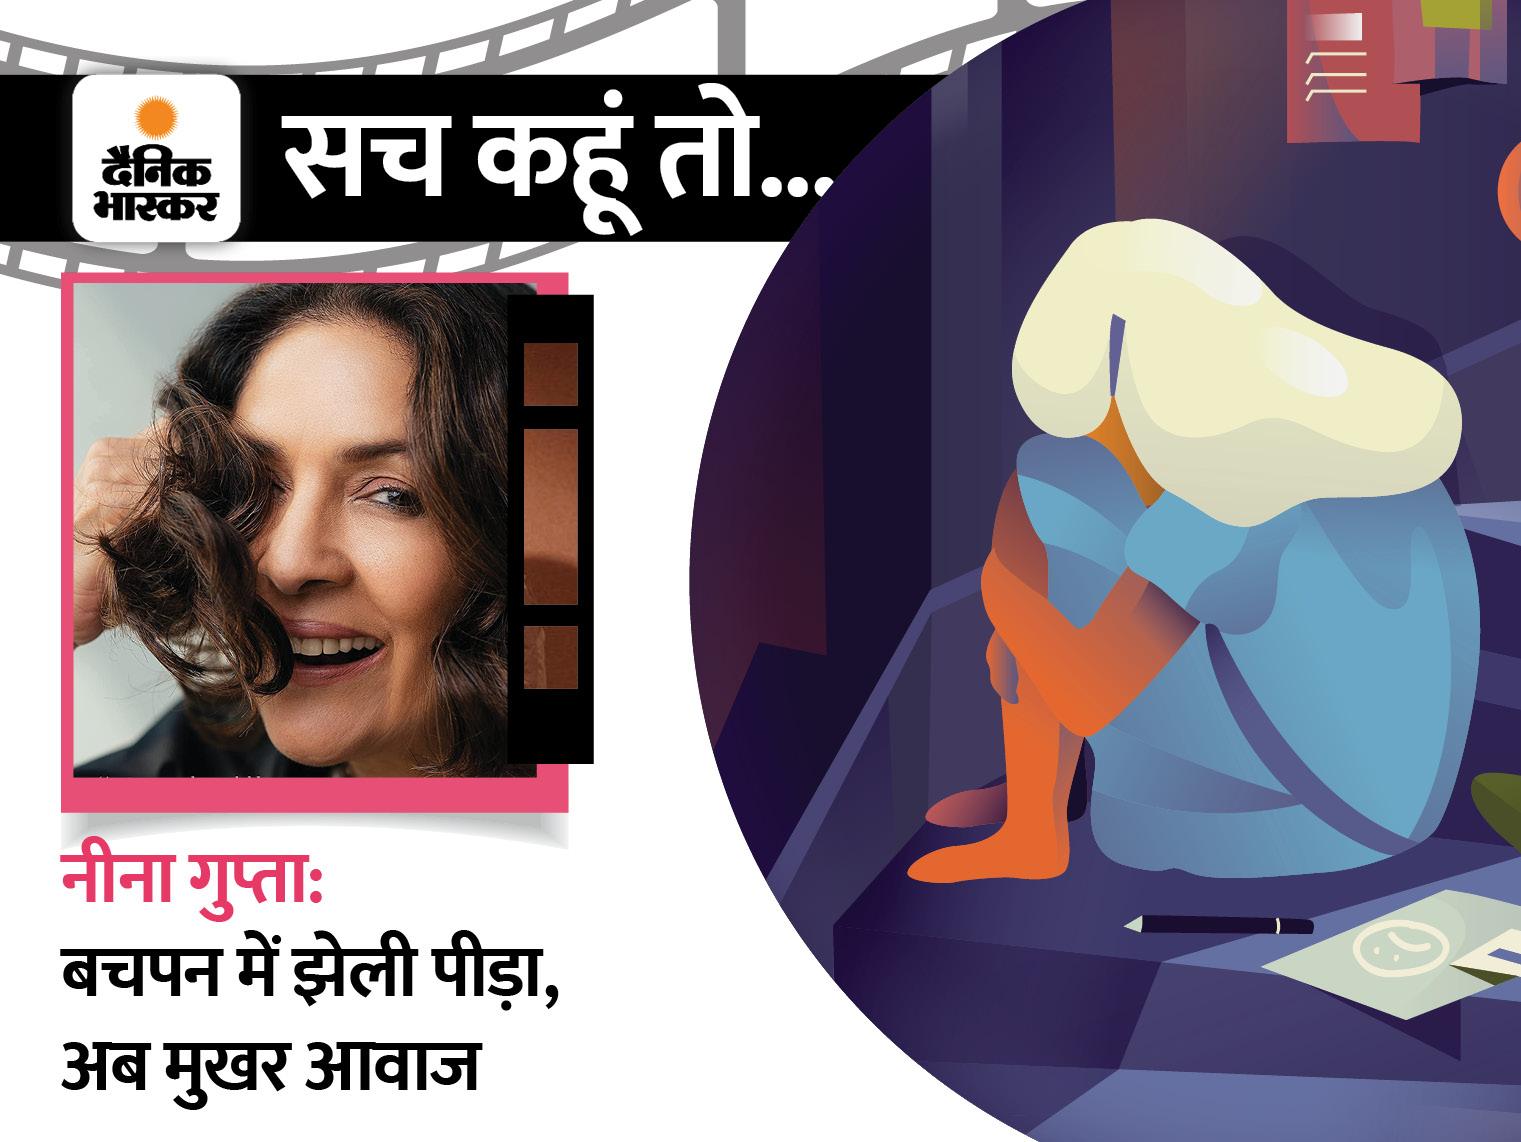 दीपिका, सोनम, कल्कि, सोफिया, फातिमा जैसी बॉलीवुड एक्ट्रेस भी शेयर कर चुकी हैं दर्दनाक बचपन की कहानी ताकि चुपचाप जुल्म न सहें लड़कियां|वुमन,Women - Dainik Bhaskar